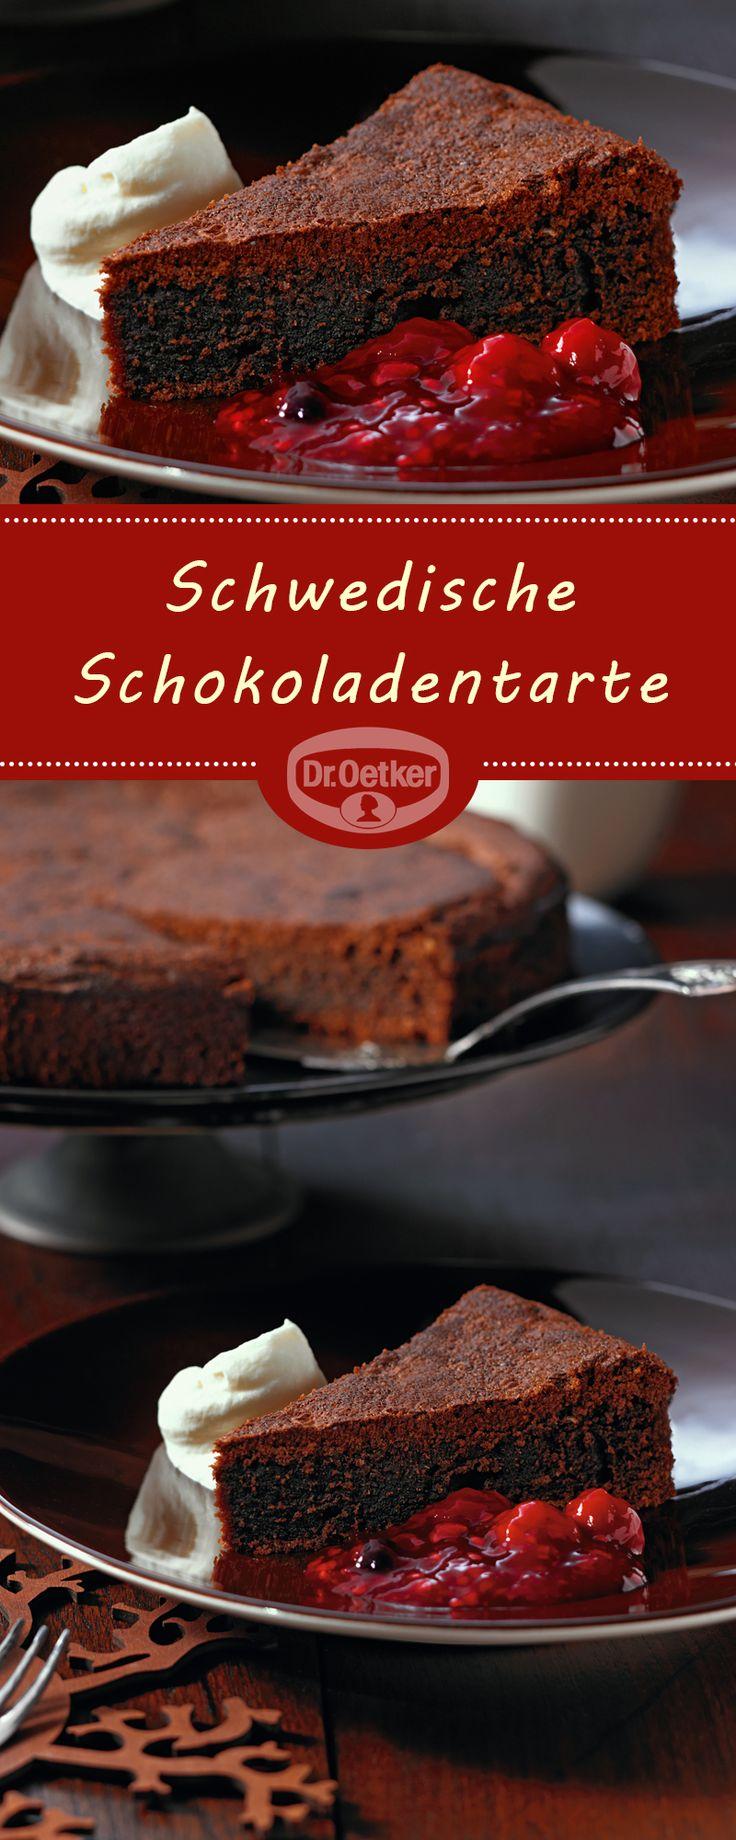 Schwedische Schokoladentarte Saftige Tarte mit einer feinen Kaffee-Note als besonderer Hingucker auf der Kaffeetafel